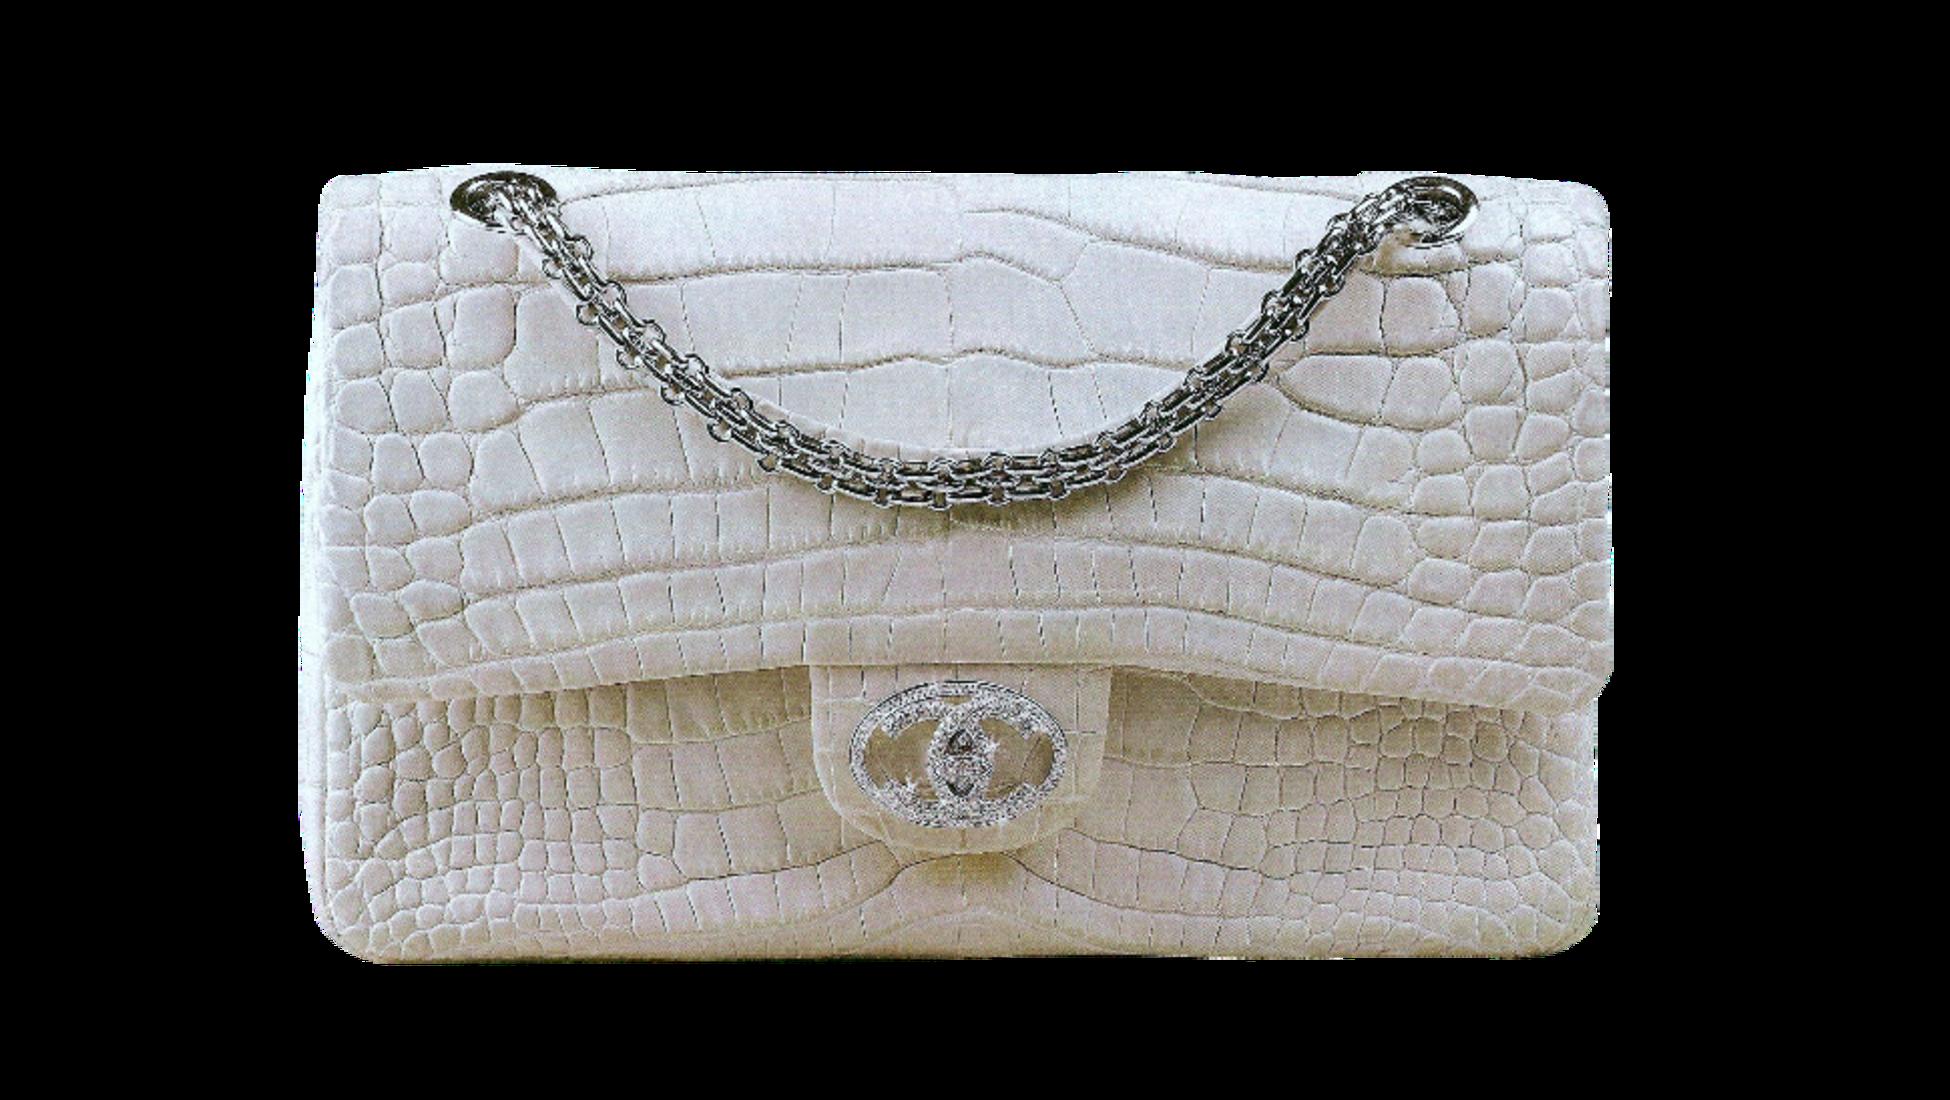 d906648bb4b Hermès Birkin Bag - Matte Himalayan Nilo Crocodile - € 396.966. Natuurlijk  kan de Hermès Birkin-tas niet een enkele keer voorkomen in deze top 10.